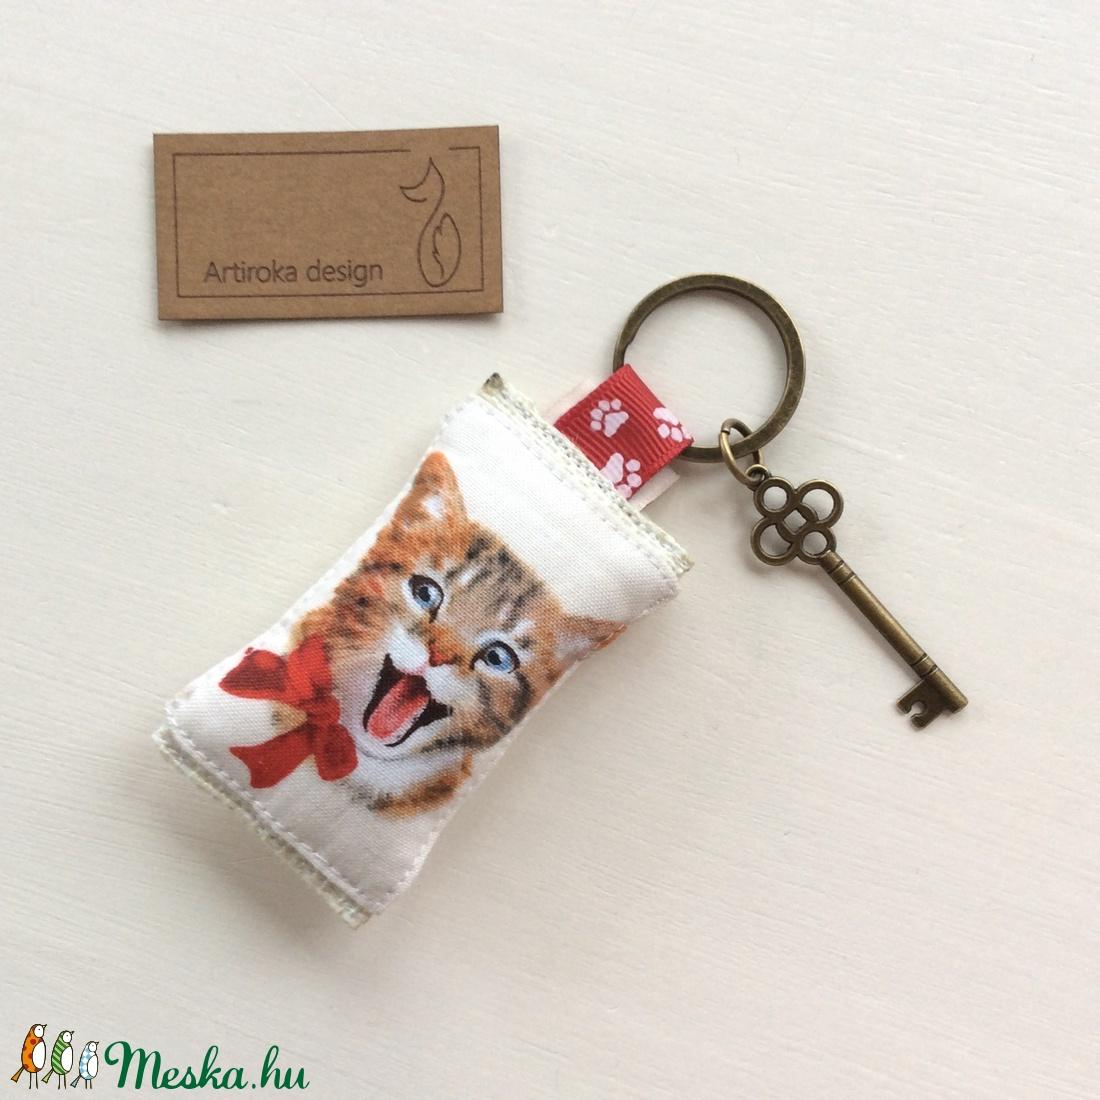 Vidám cica mintás kulcstartó, szív alakú vintage kulcs + tappancs medál - Artiroka design - 115 (Mesedoboz) - Meska.hu